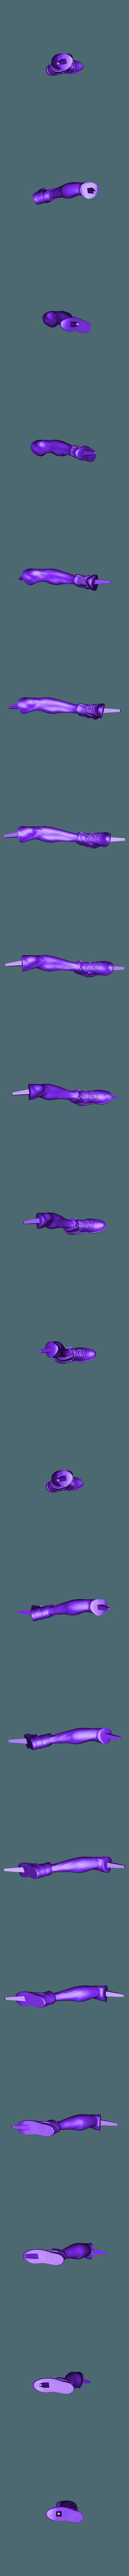 jambe gauche.STL Télécharger fichier STL gratuit statue kobe bryant • Design à imprimer en 3D, fantibus14